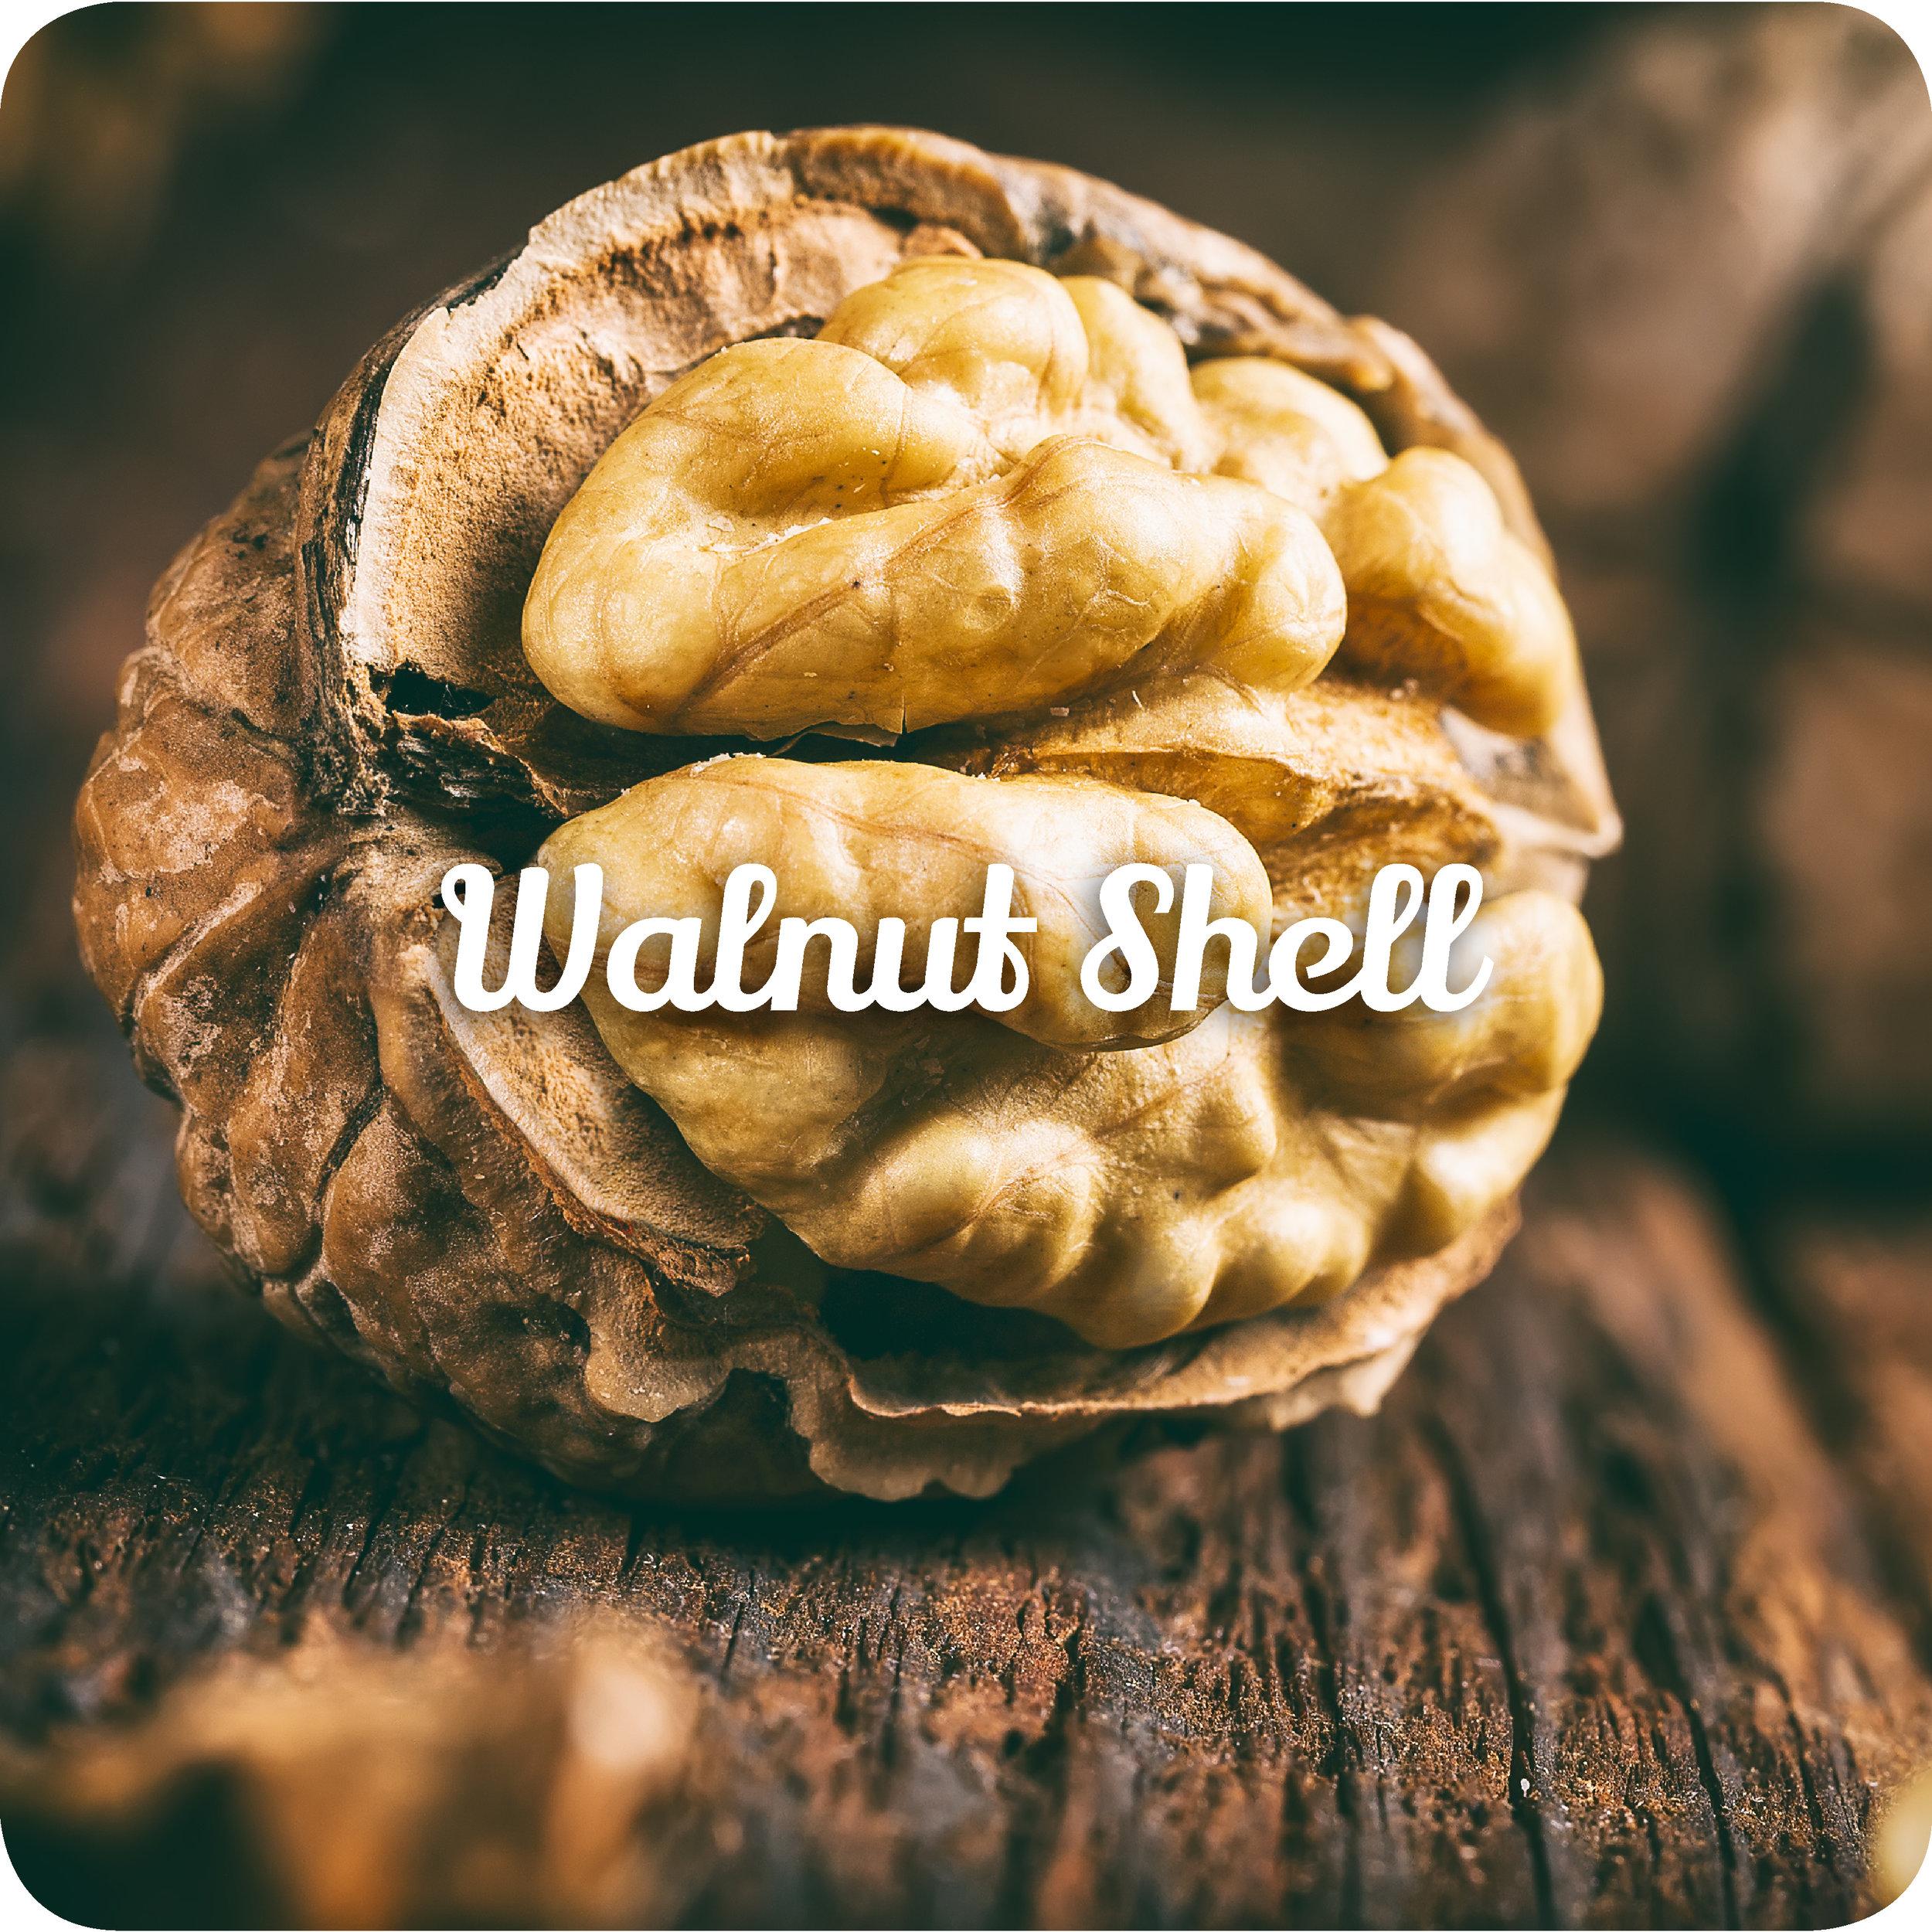 walnutshell.jpg